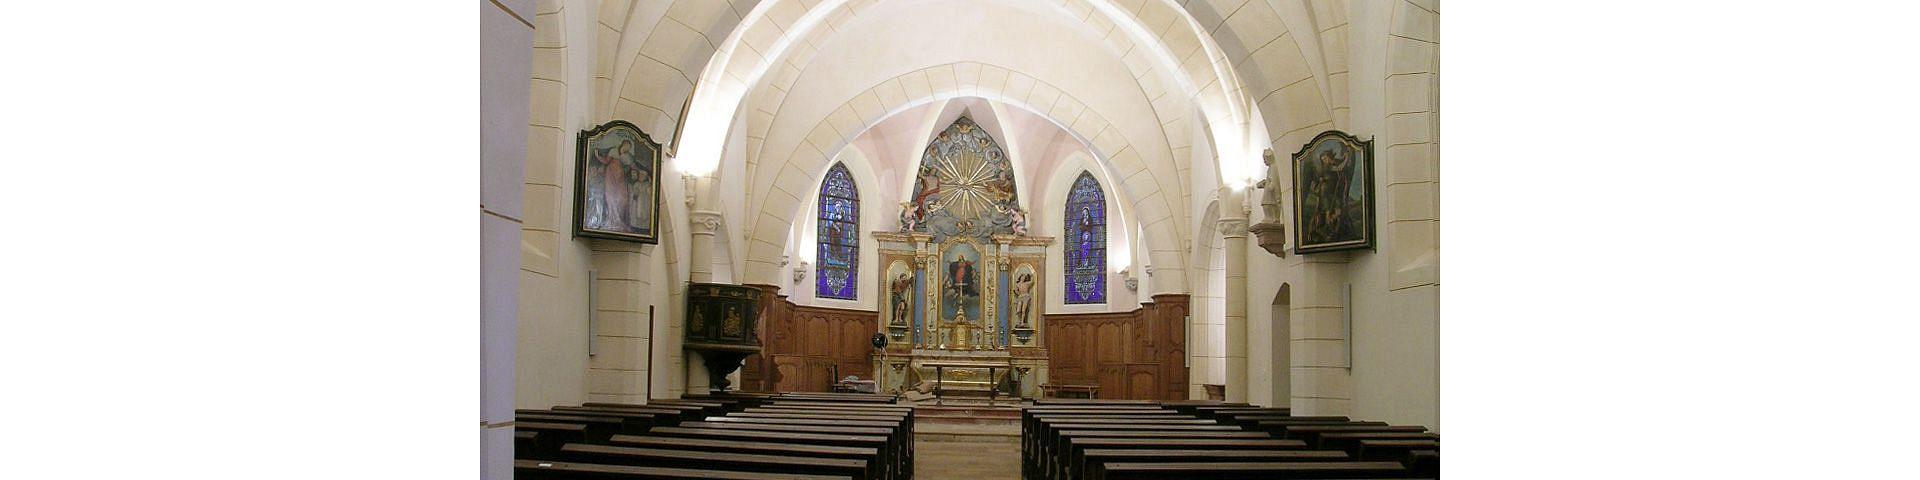 Rahon - Eglise Notre-Dame de l'Assomption (39)